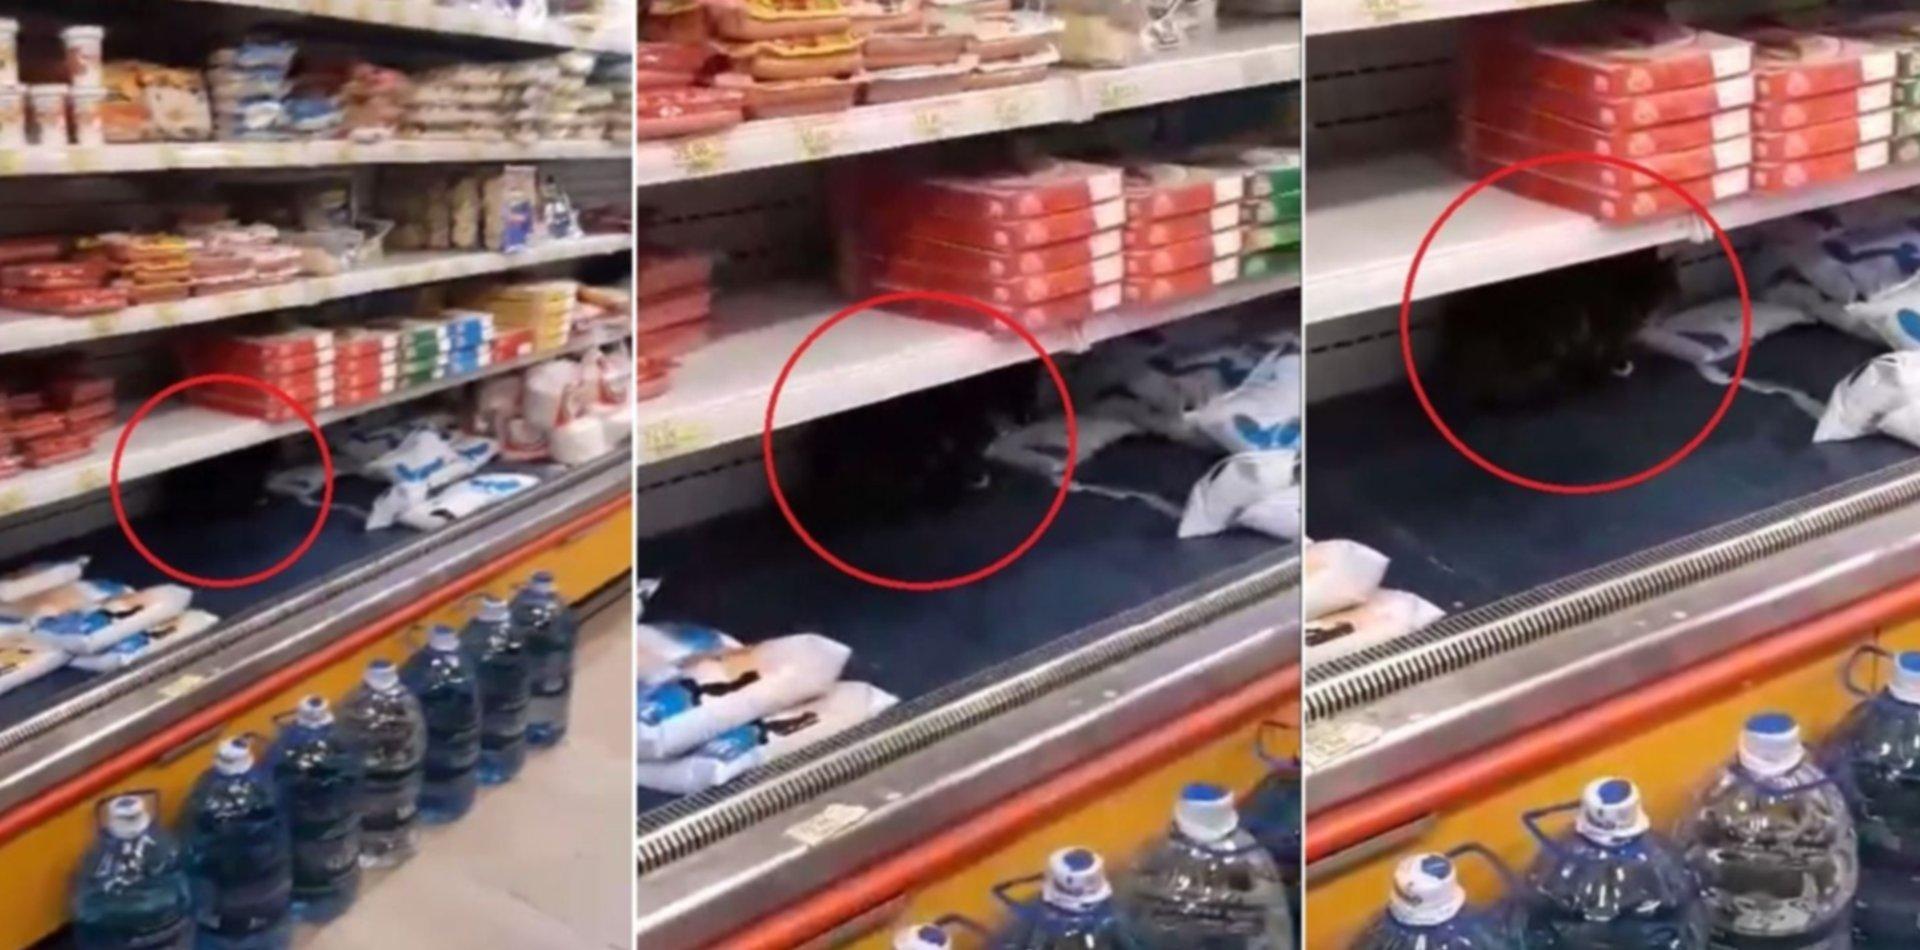 VIDEO: Revuelo en La Plata por un gato tomando leche en la heladera de un súper chino